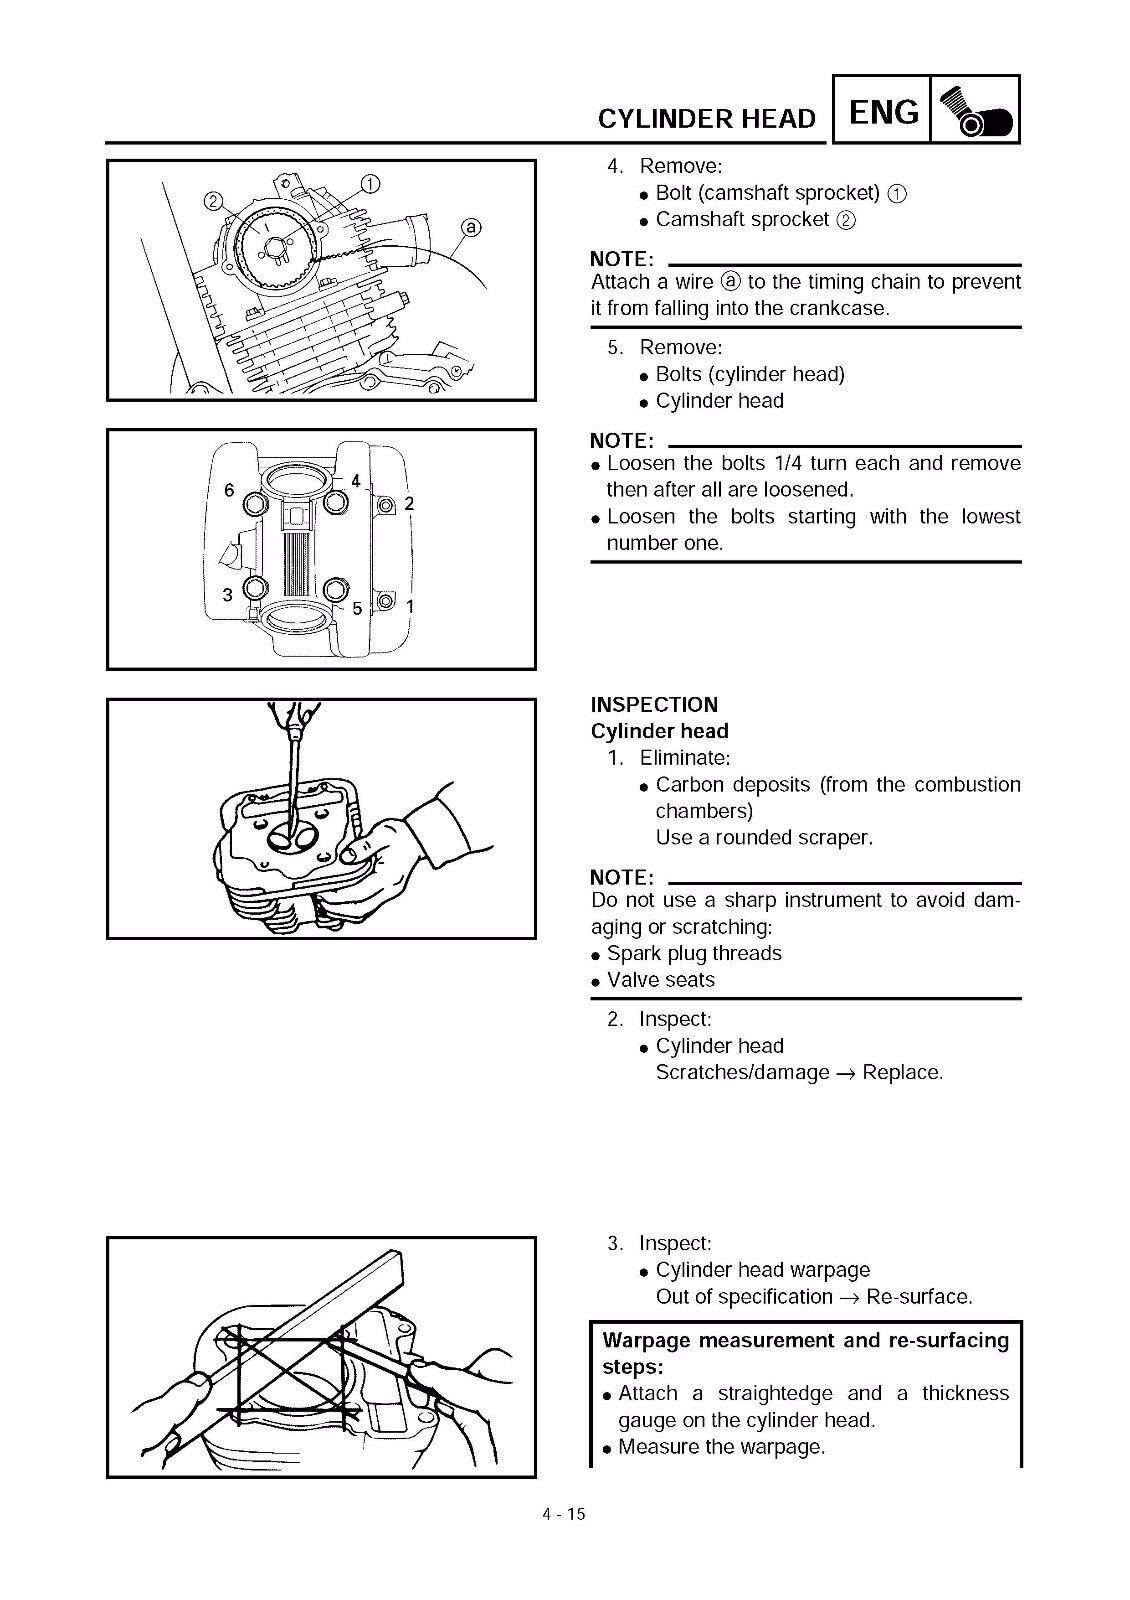 Yamaha Owners Service Manual 2003 Ttr 125 Tt R125r R125lwr Wiring 5 Of 12 6